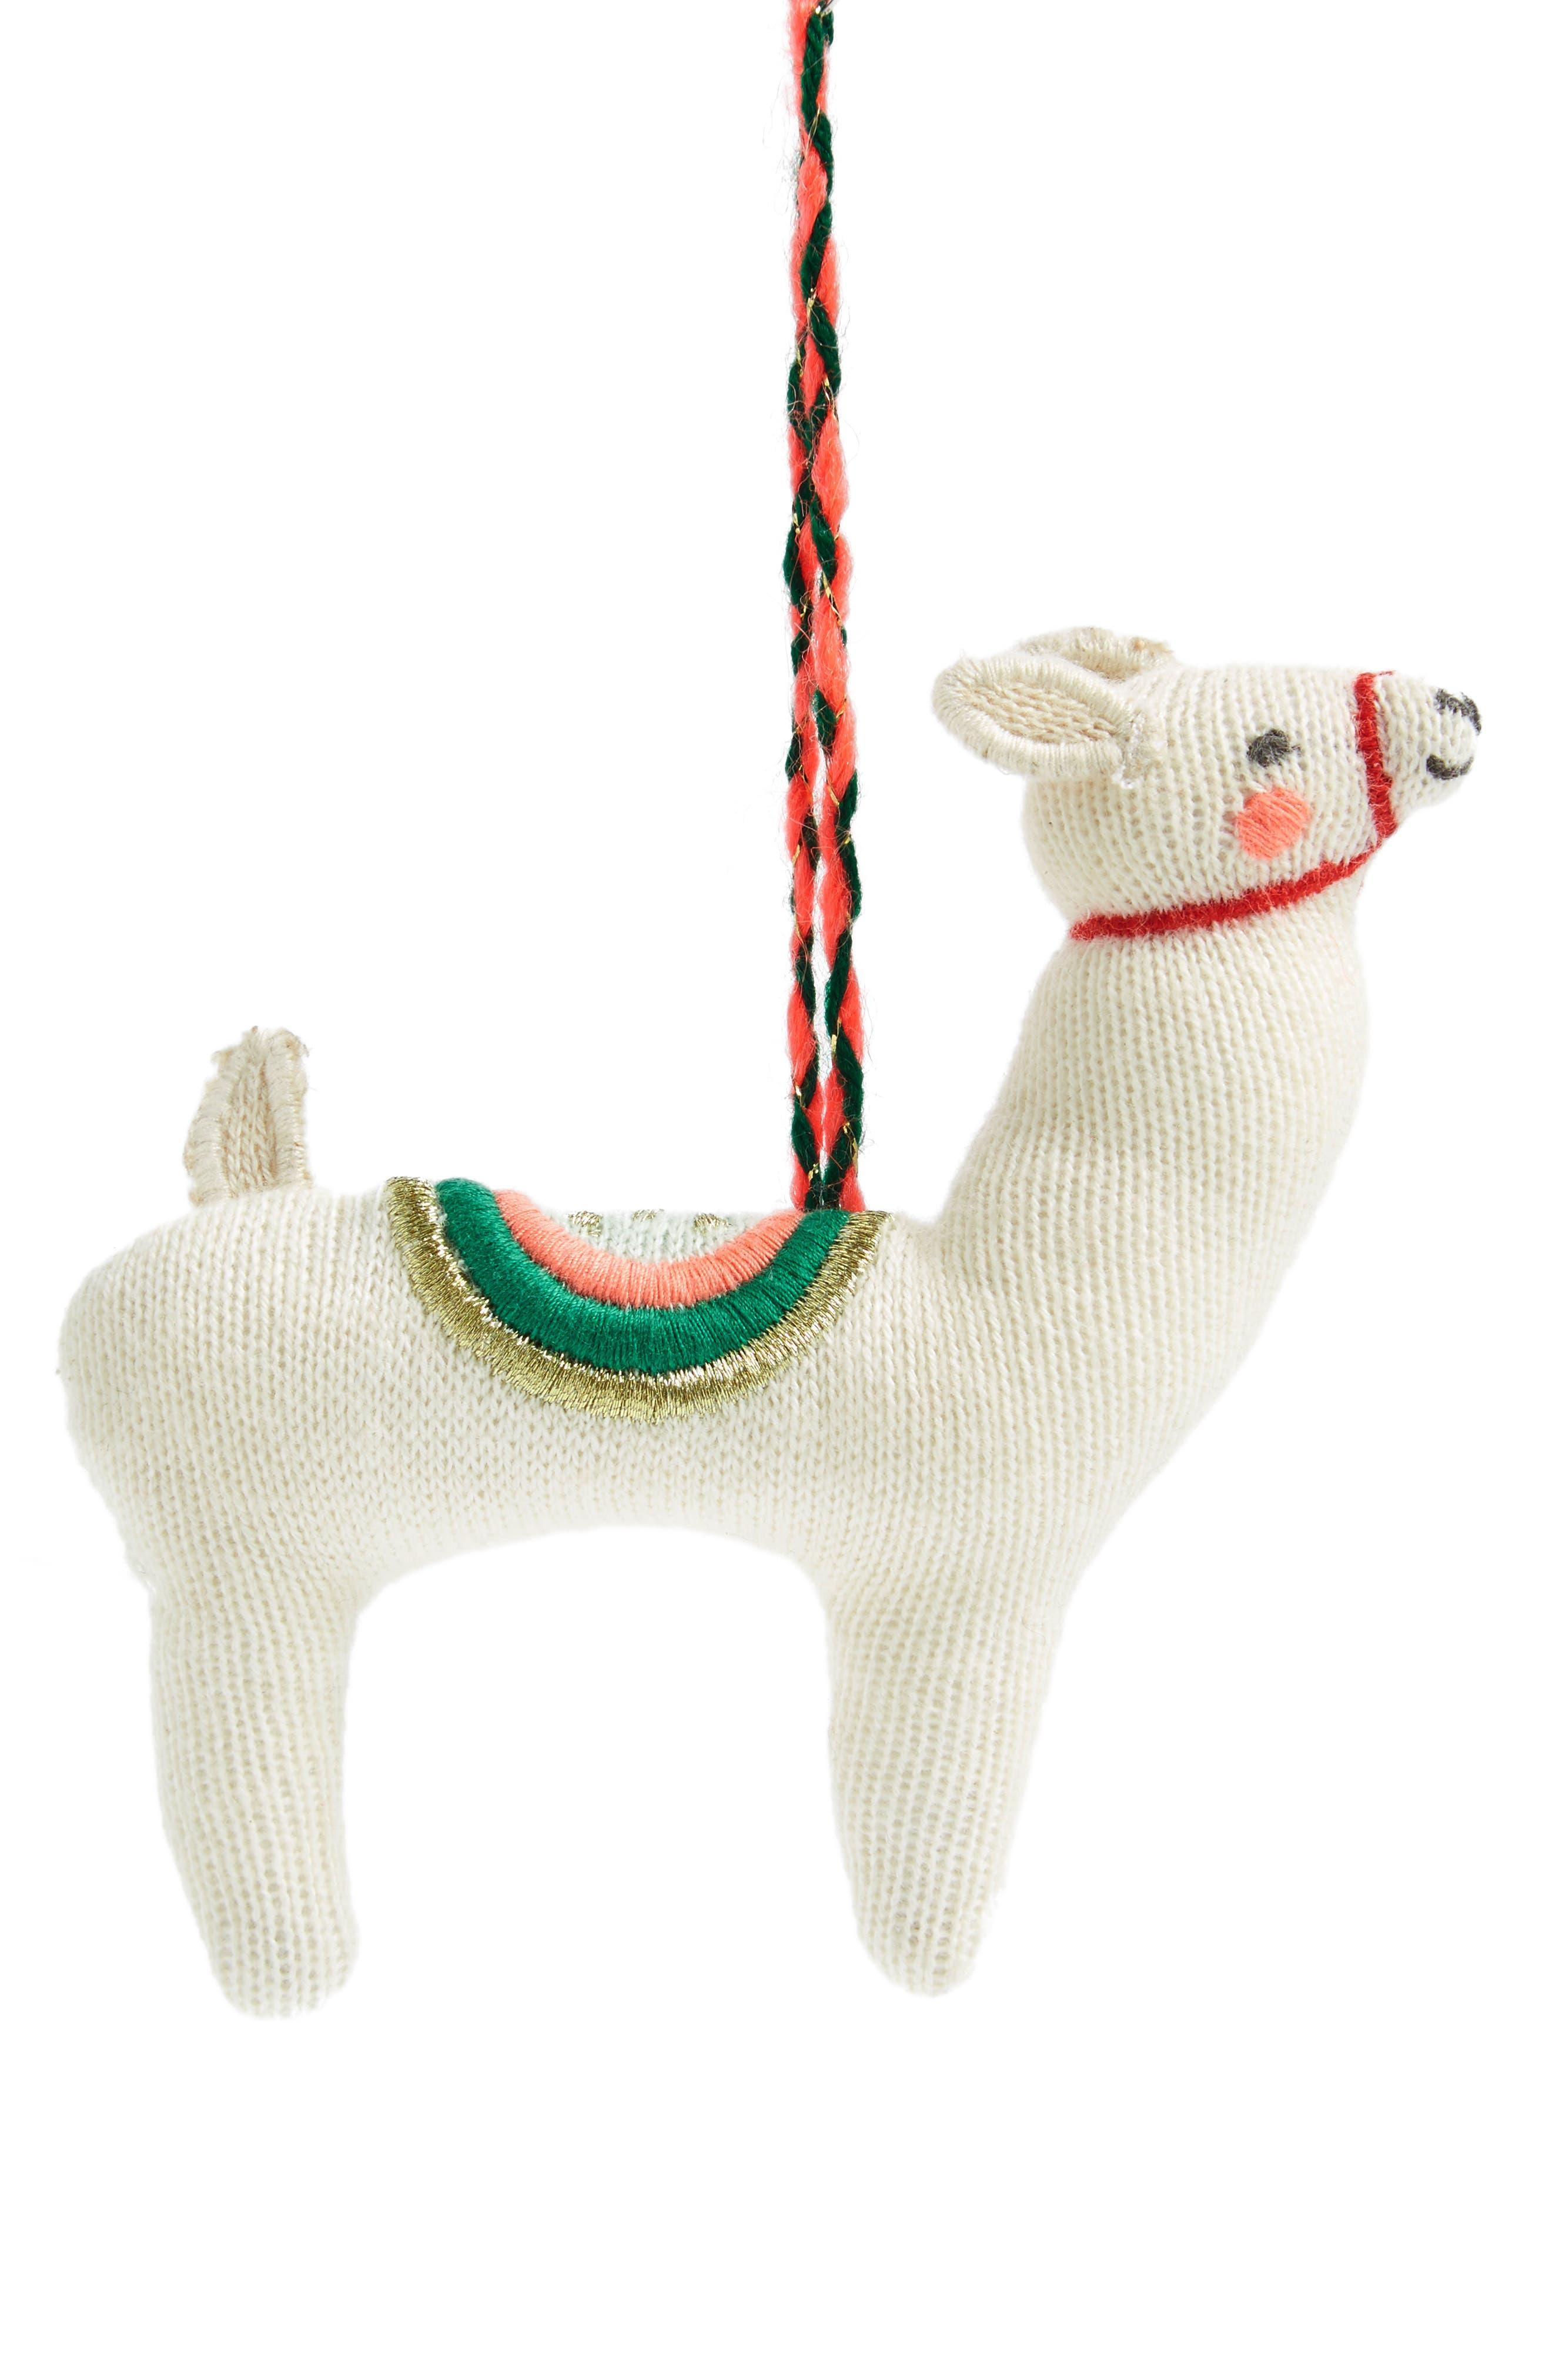 MERI MERI Knit Llama Ornament, Main, color, 600